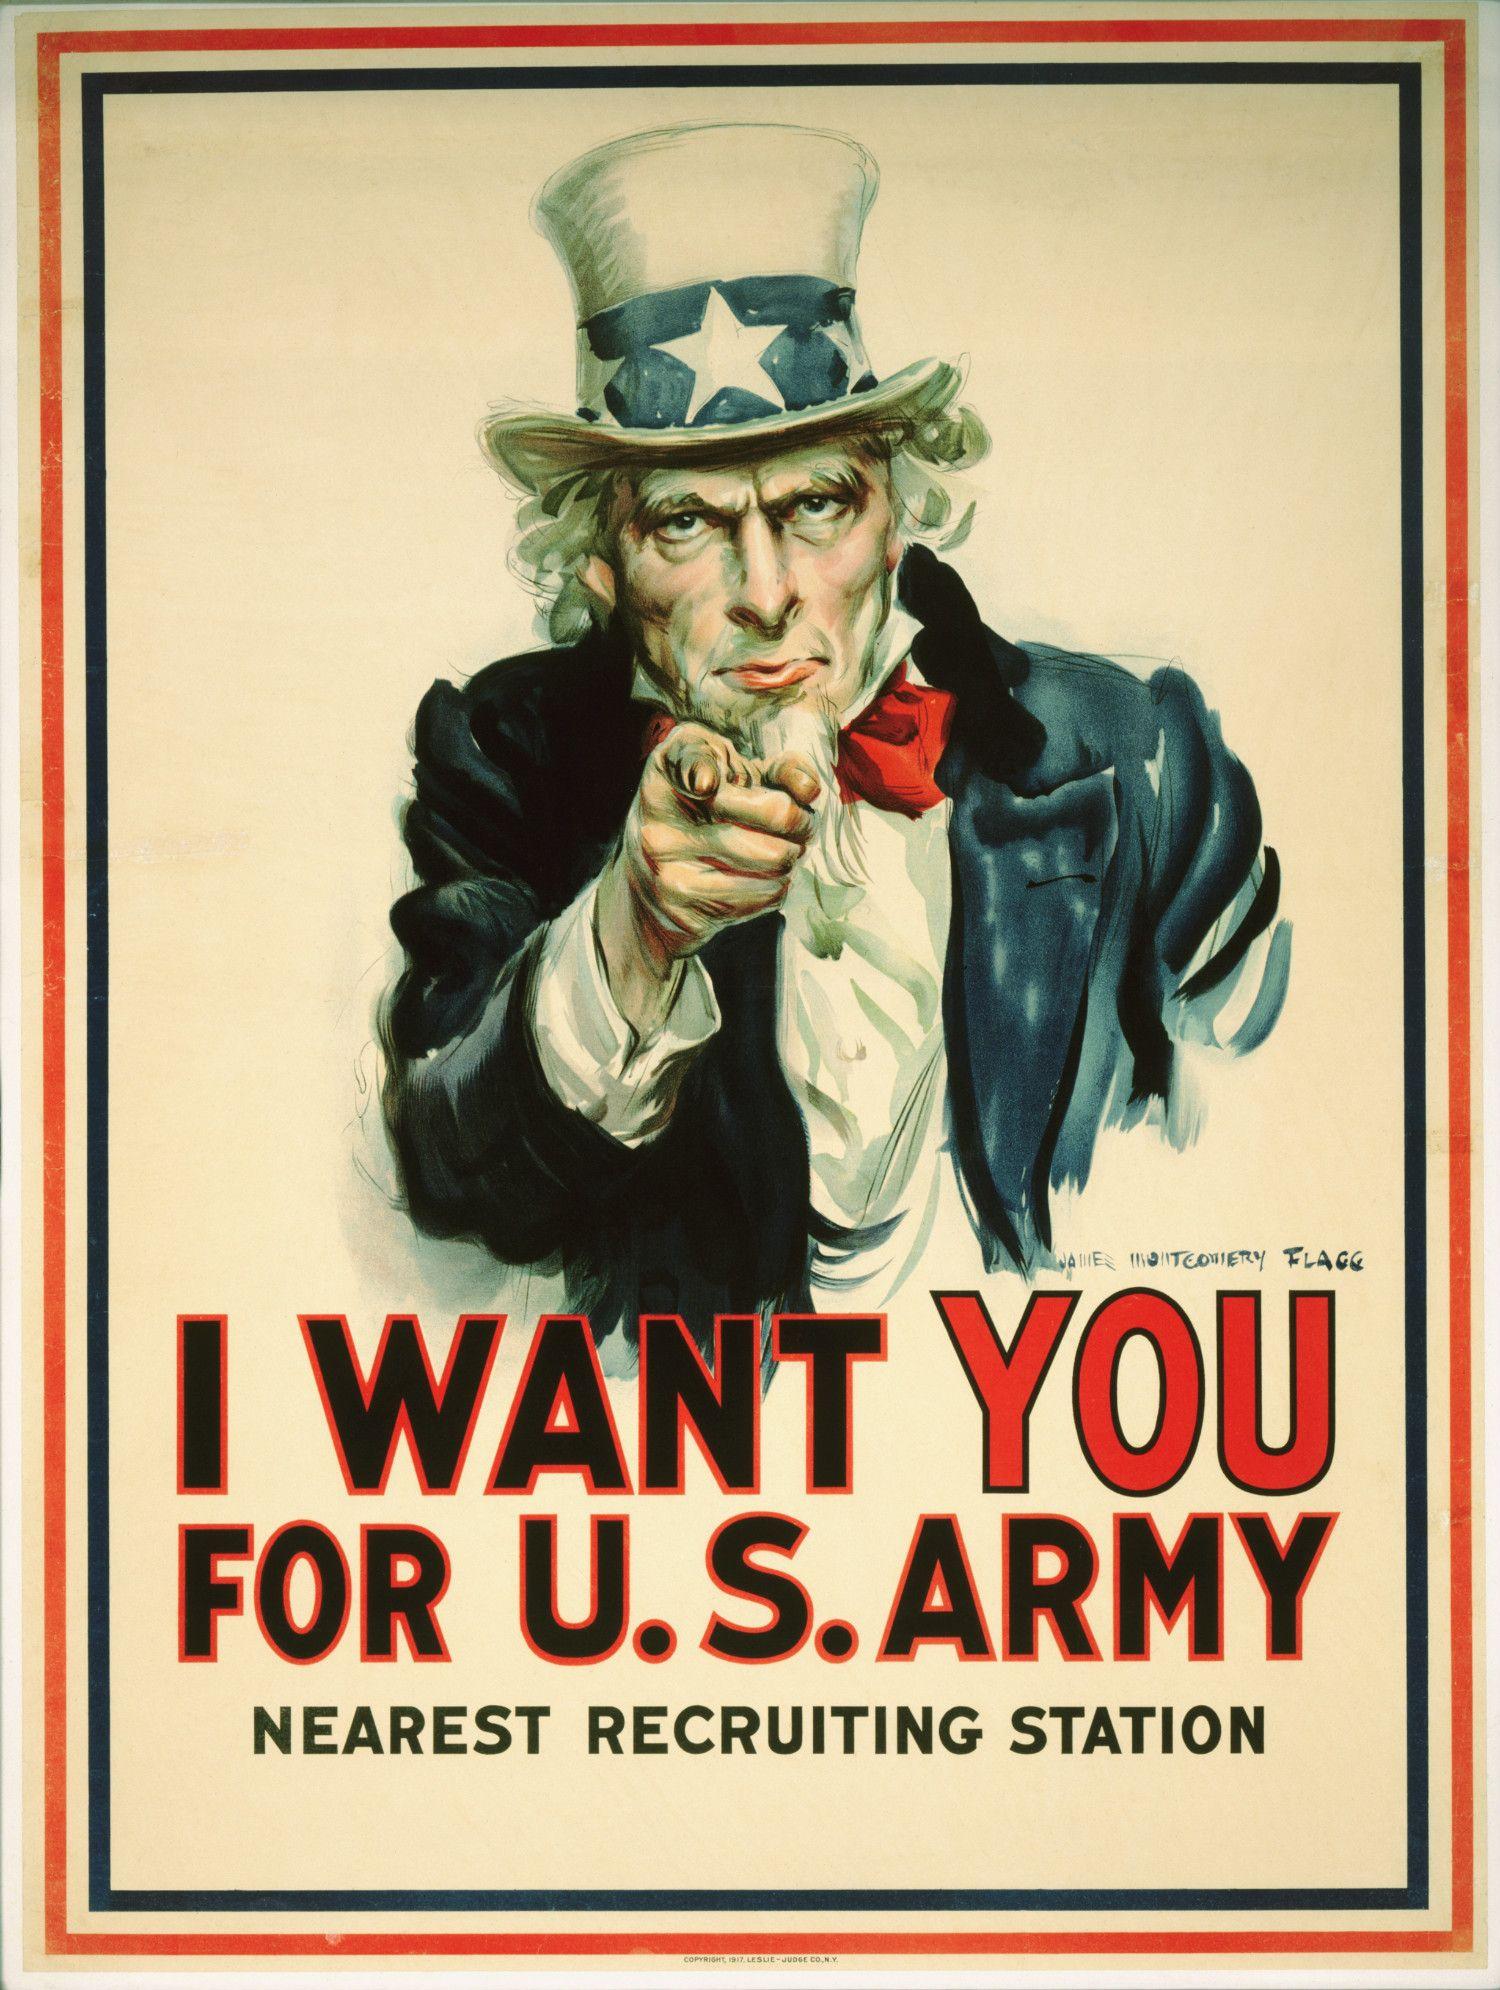 アンクル・サムによる兵士募集のポスター ©getty